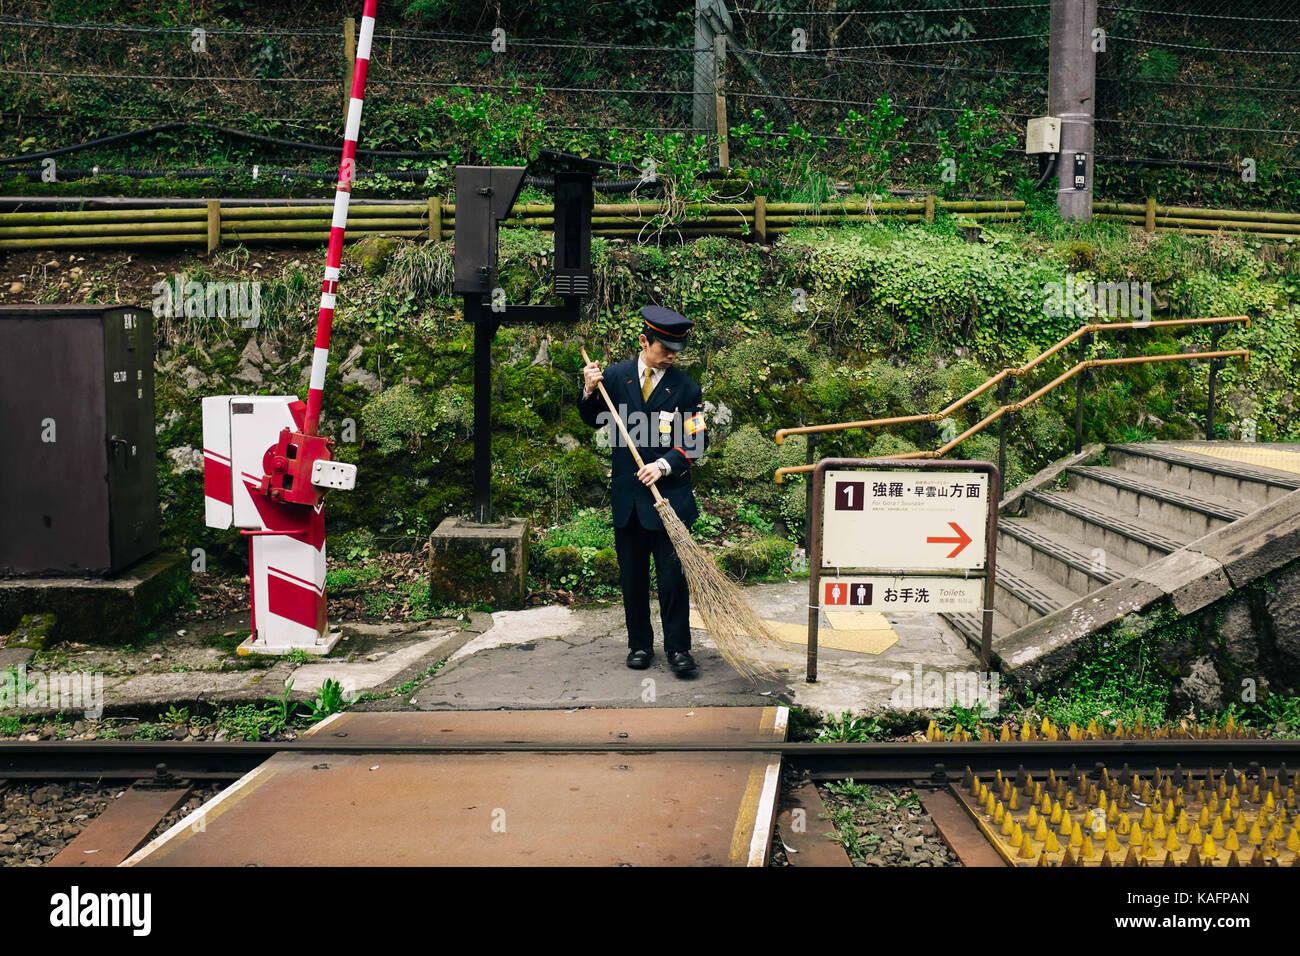 every day Street scene in Japan - Stock Image